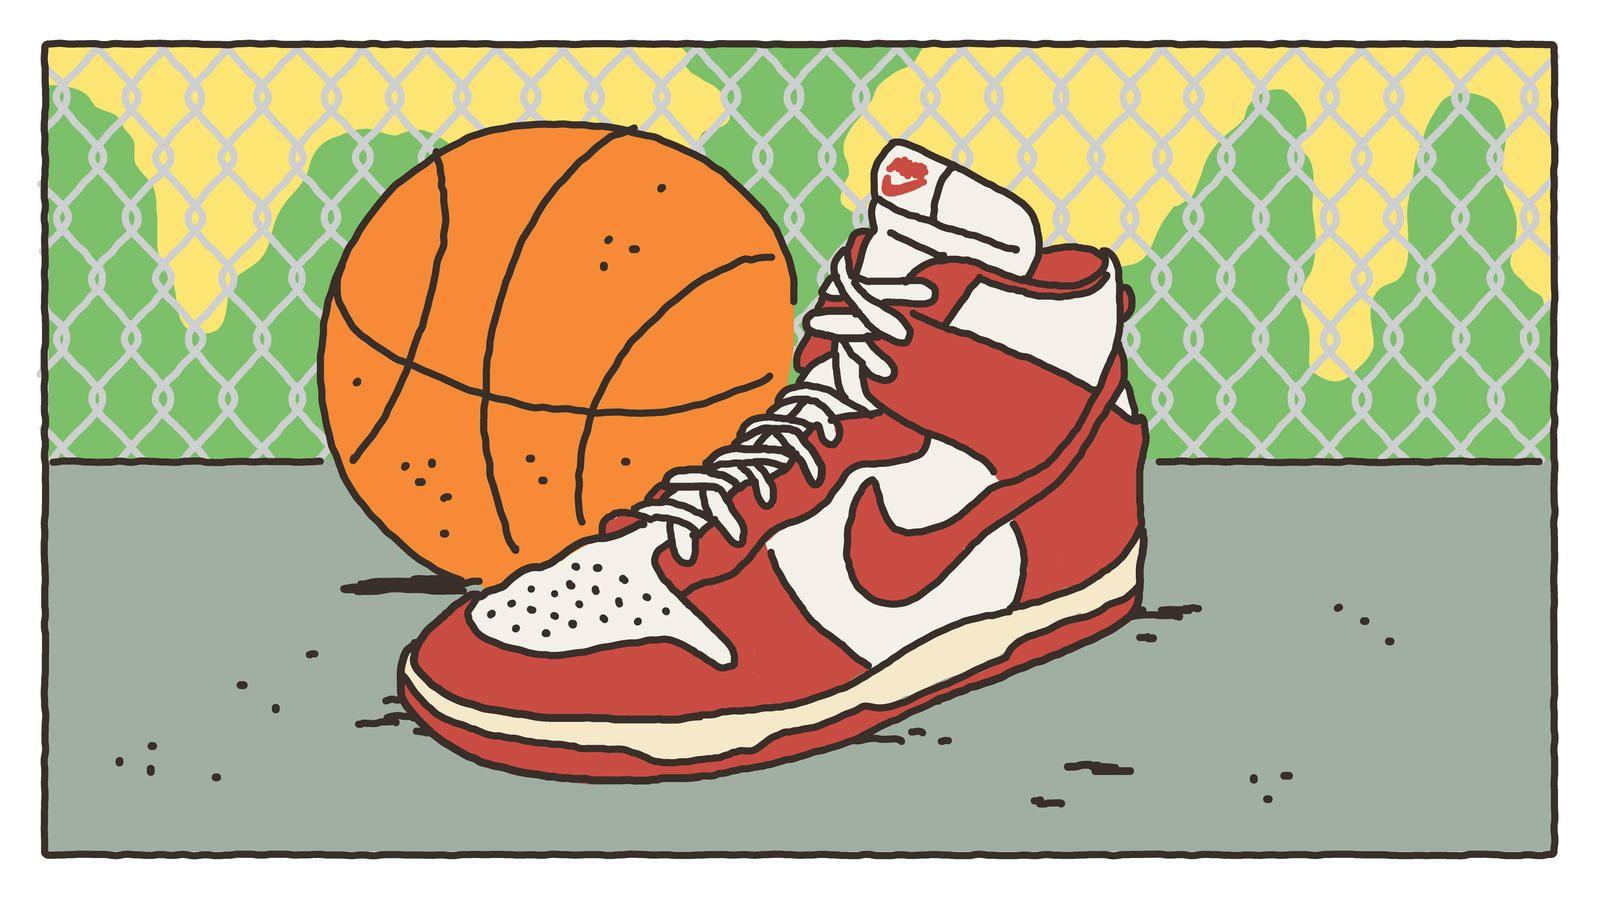 Nike SB Dunk история культовых кроссовок для скейтбординга 14 mcmag